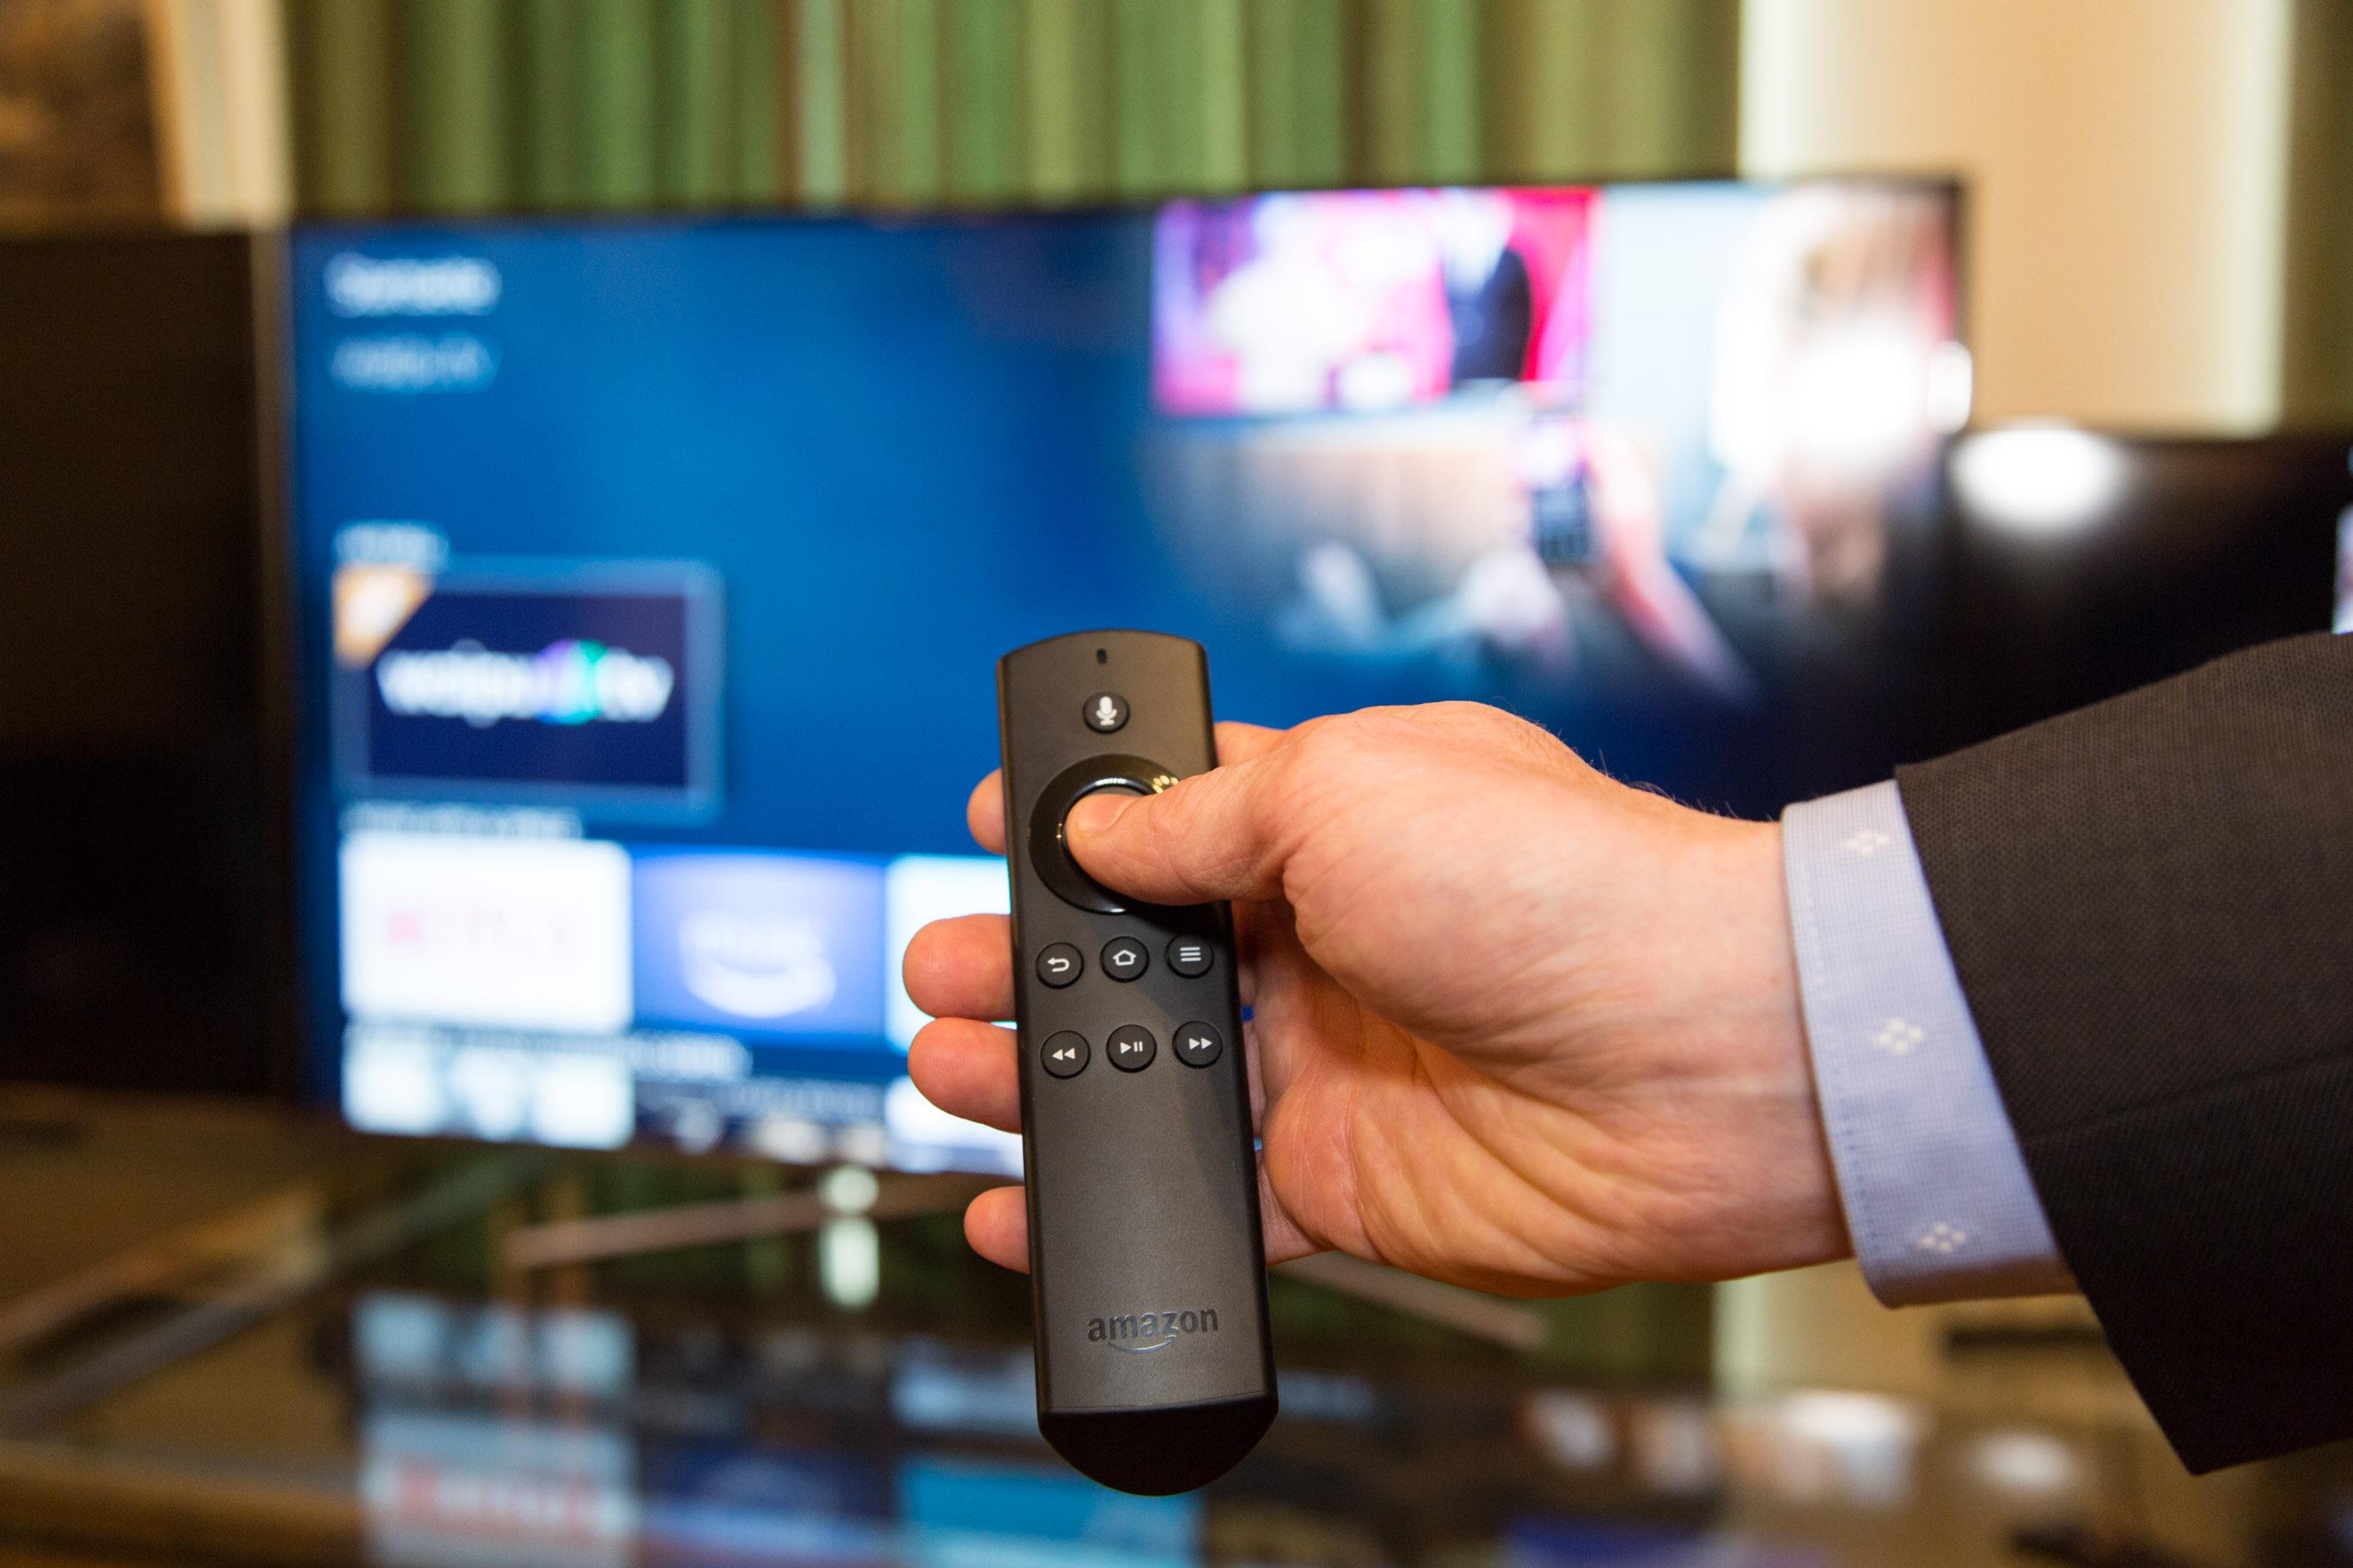 Waipu TV auf dem Fire TV im Hands on: Das Fernsehprogramm mit einem Wisch streamen - Waipu TV kann mit der Fire-TV-Fernbedienung gesteuert werden. (Bild: Martin Wolf/Golem.de)